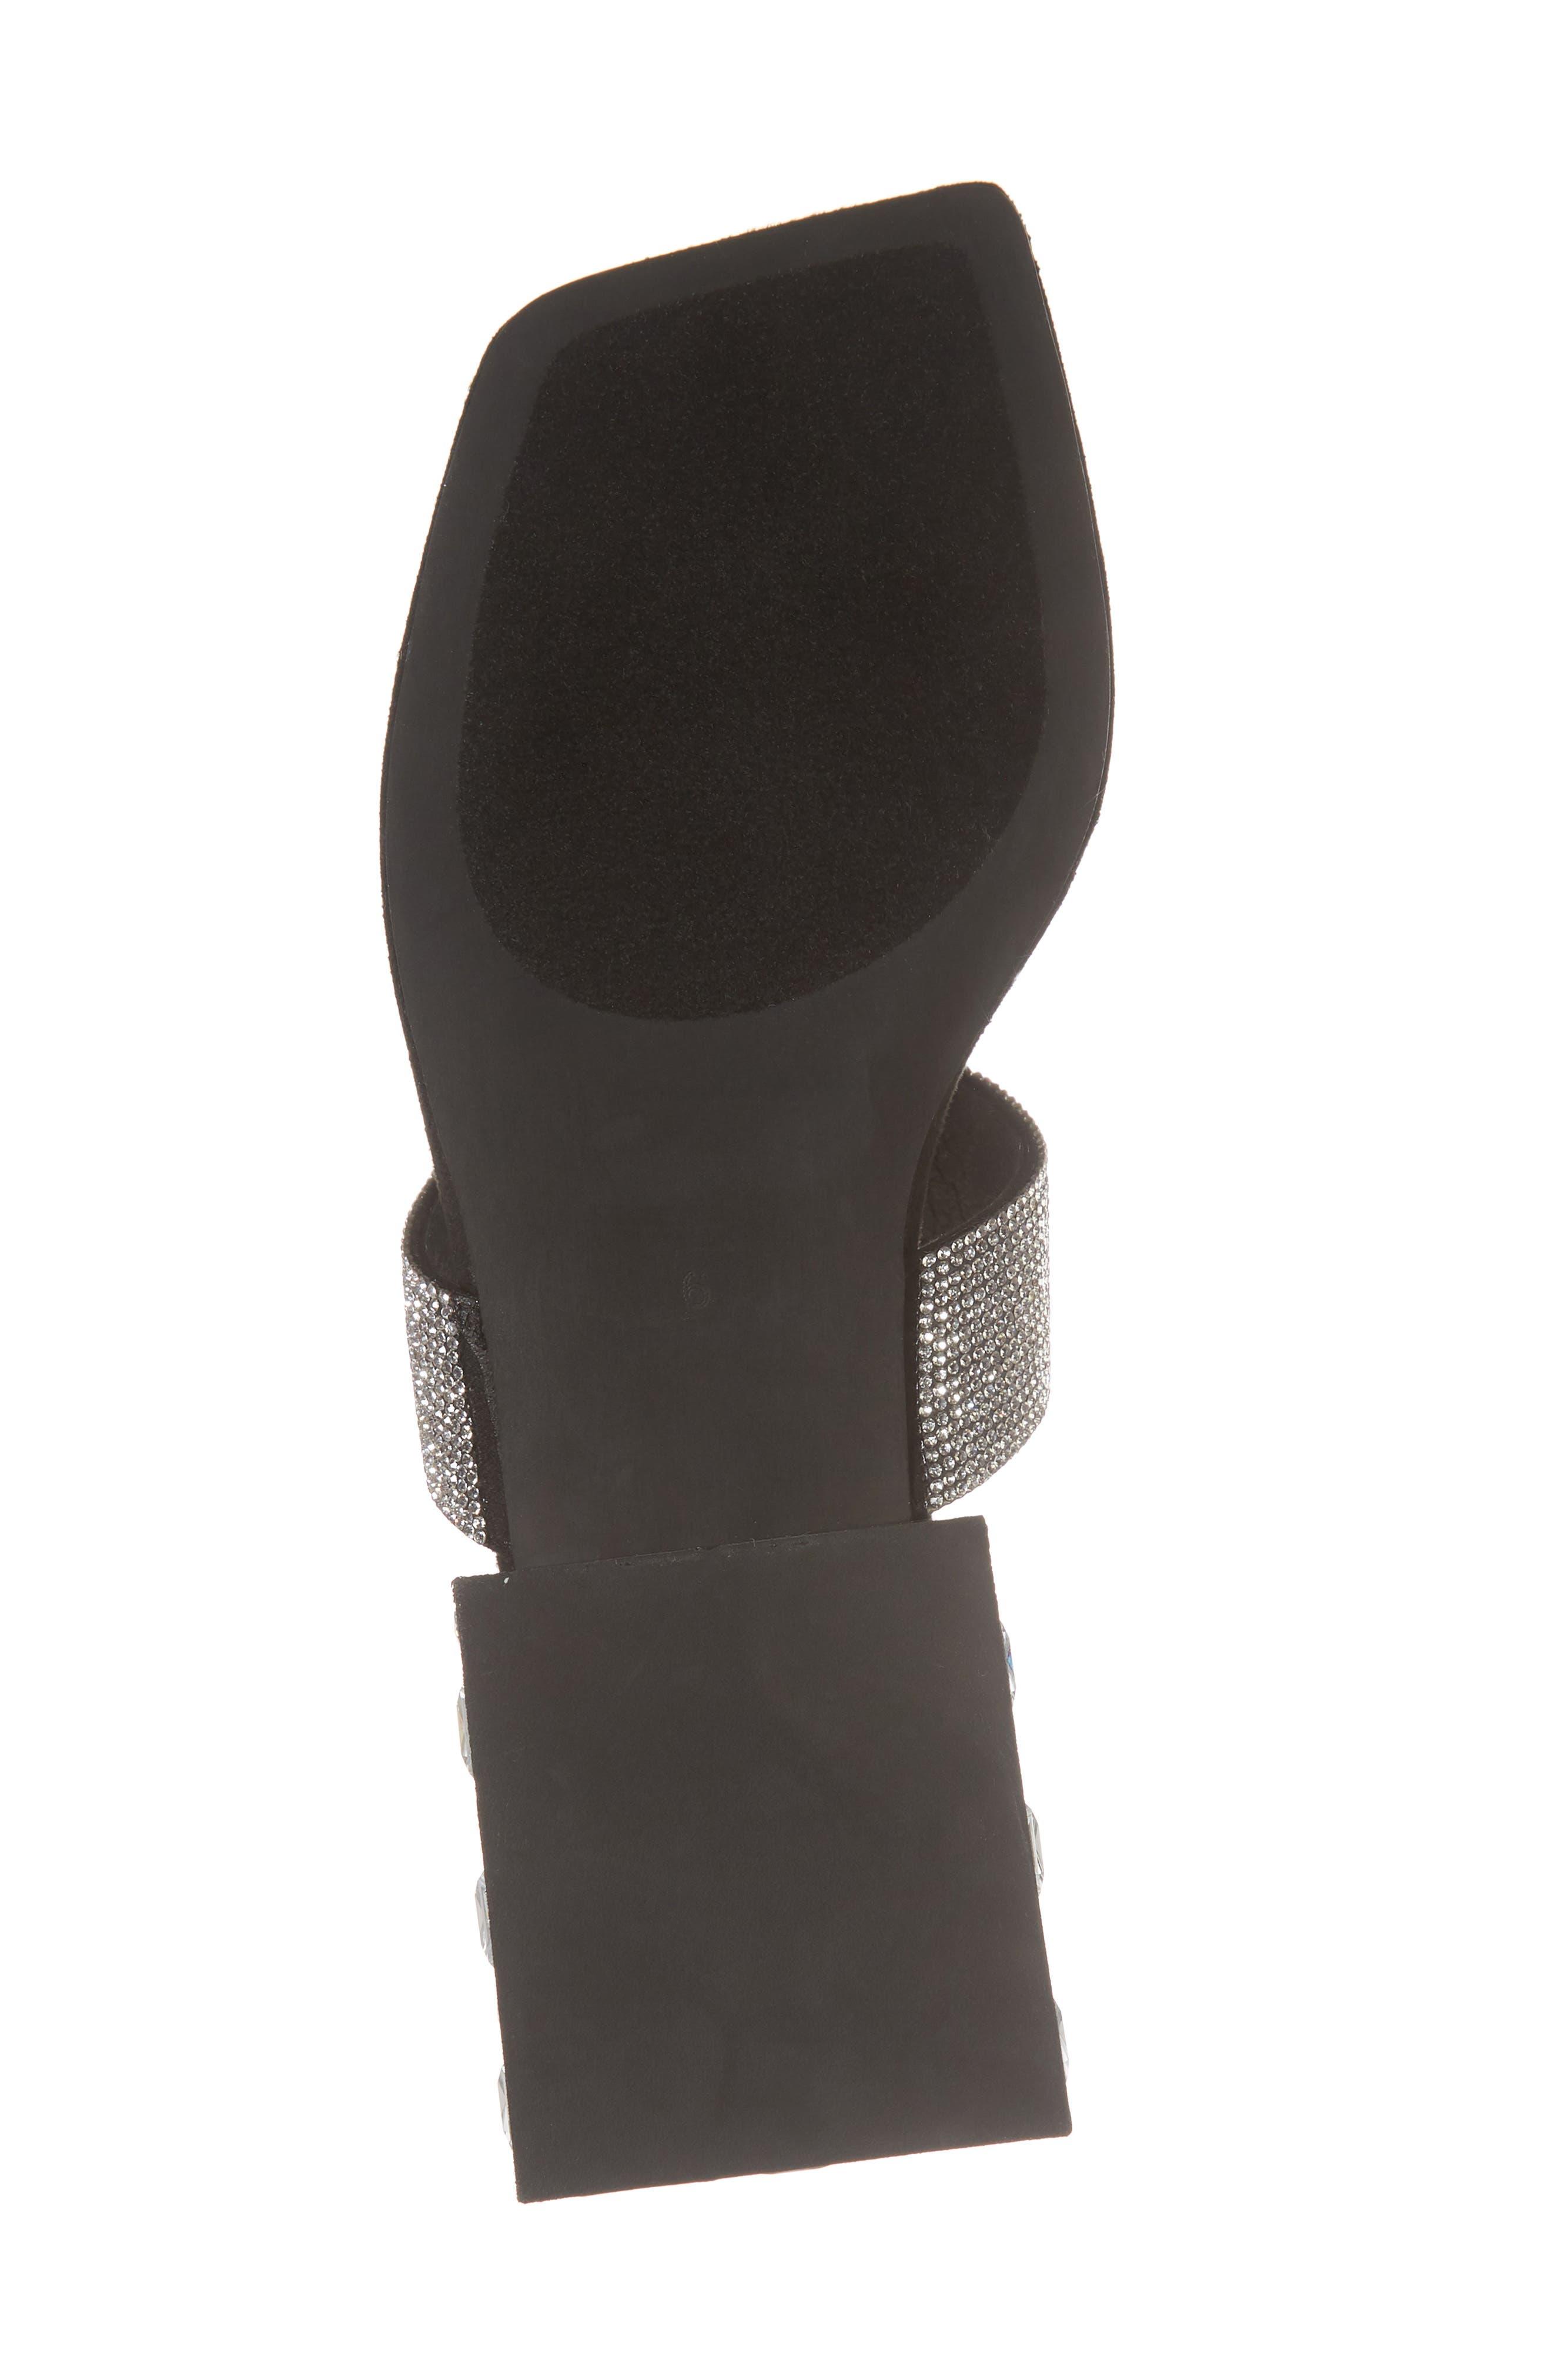 JEFFREY CAMPBELL, Alise Embellished Sandal, Alternate thumbnail 6, color, BLACK SUEDE/ SILVER